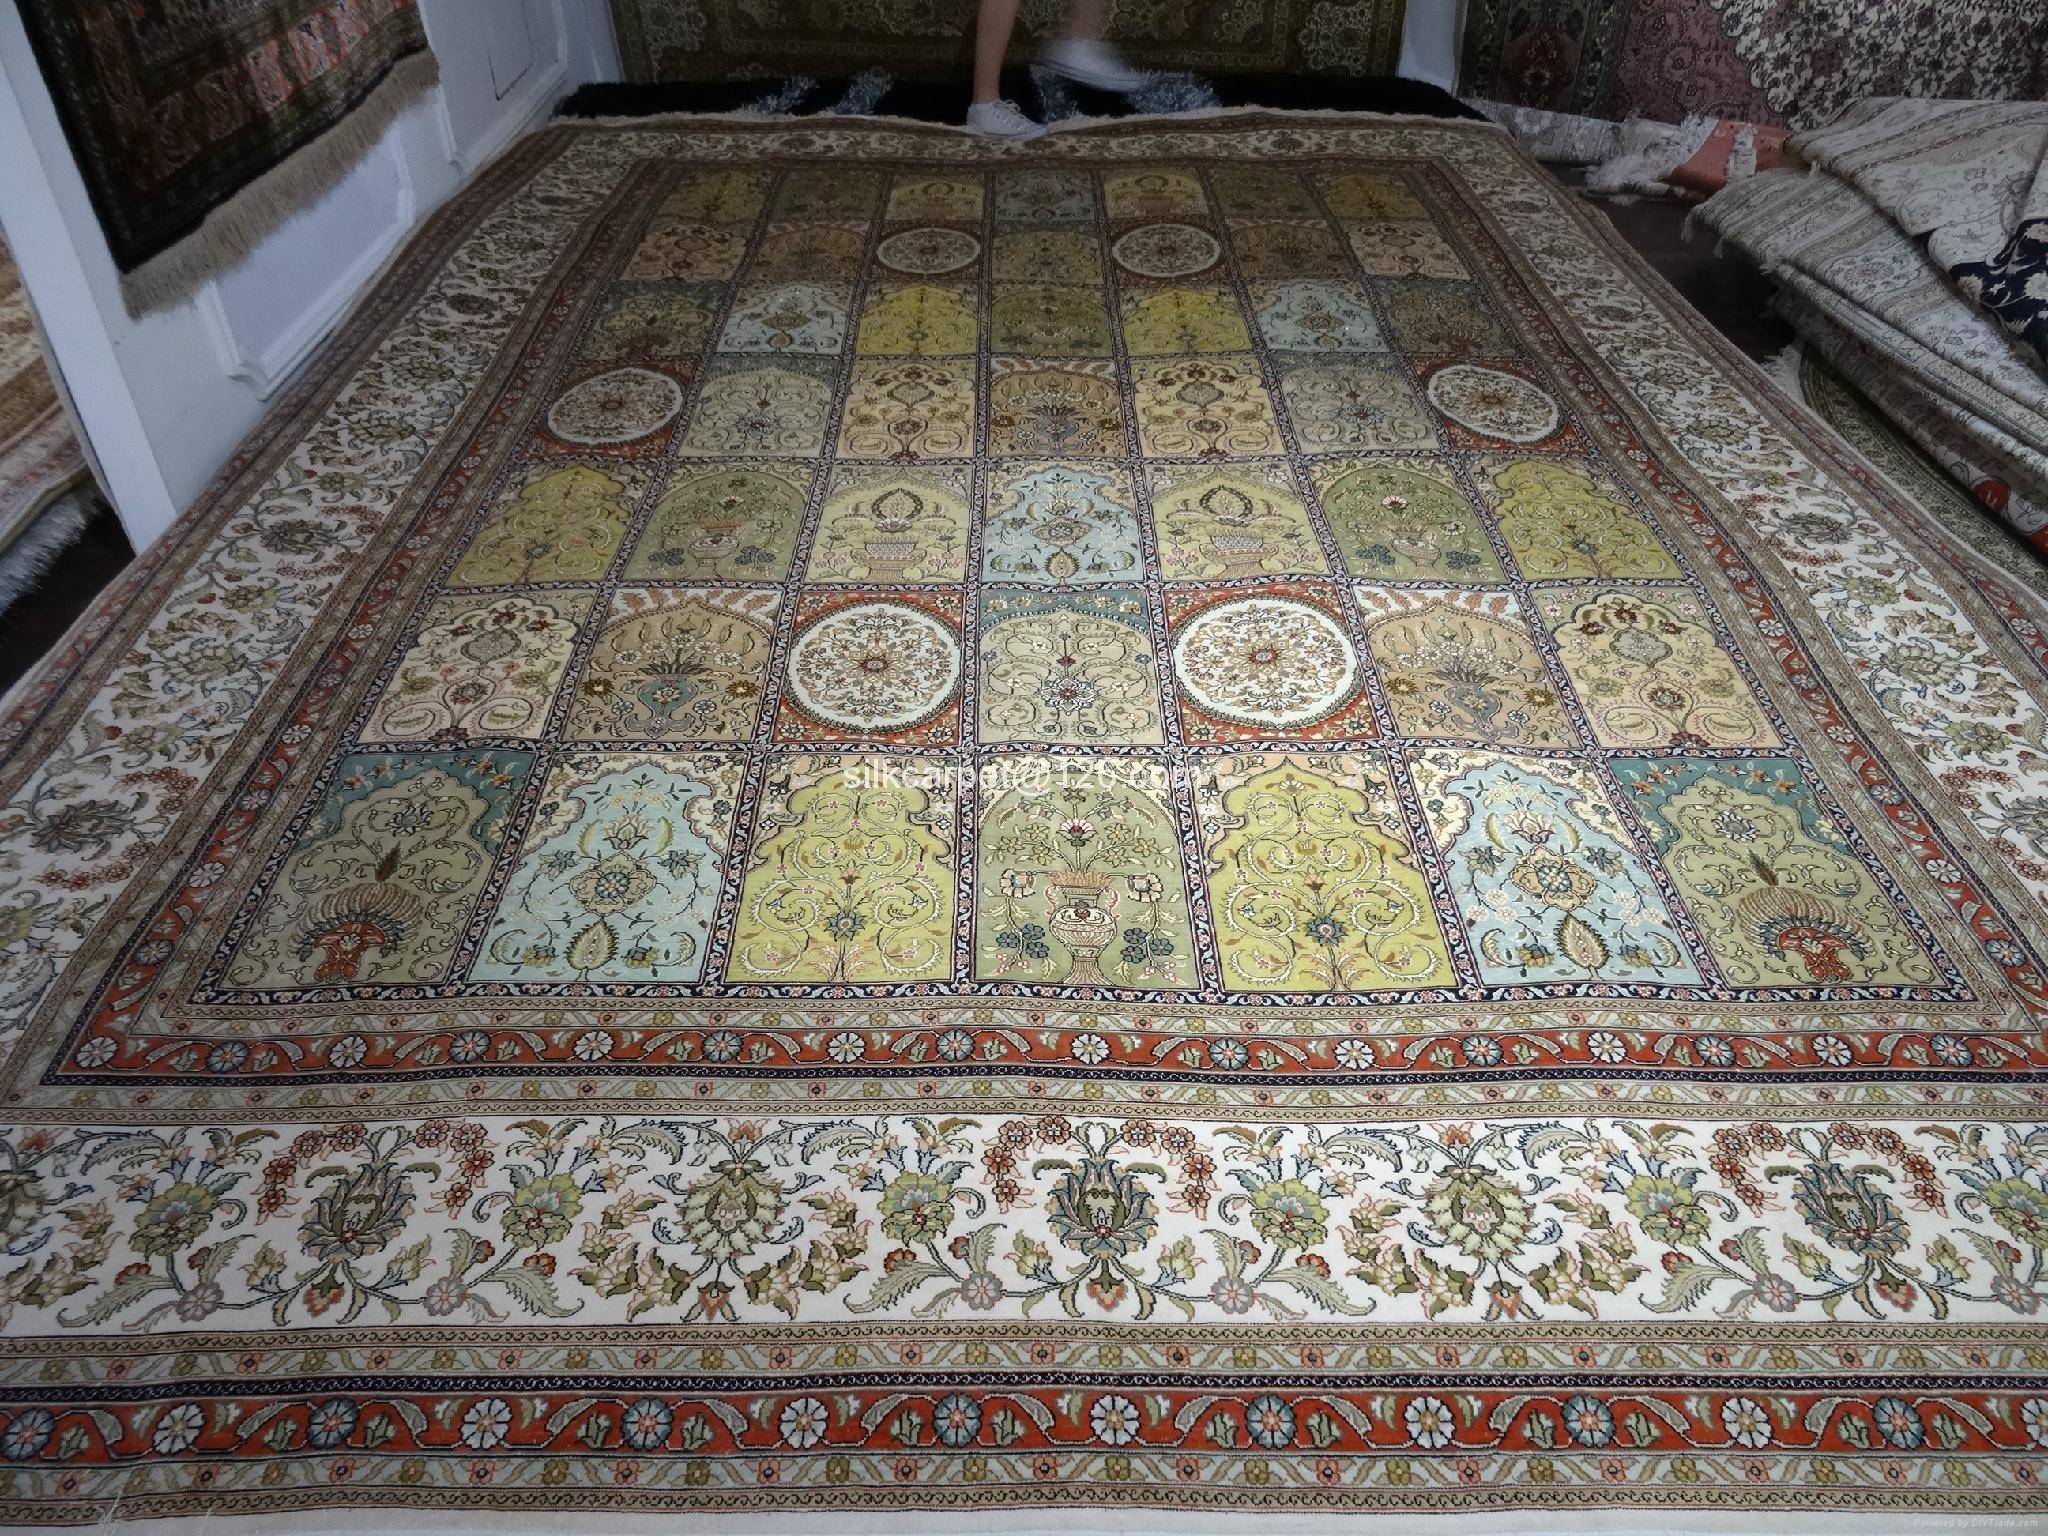 优质手工古典图案,桑蚕丝波斯地毯10 x13ft 1